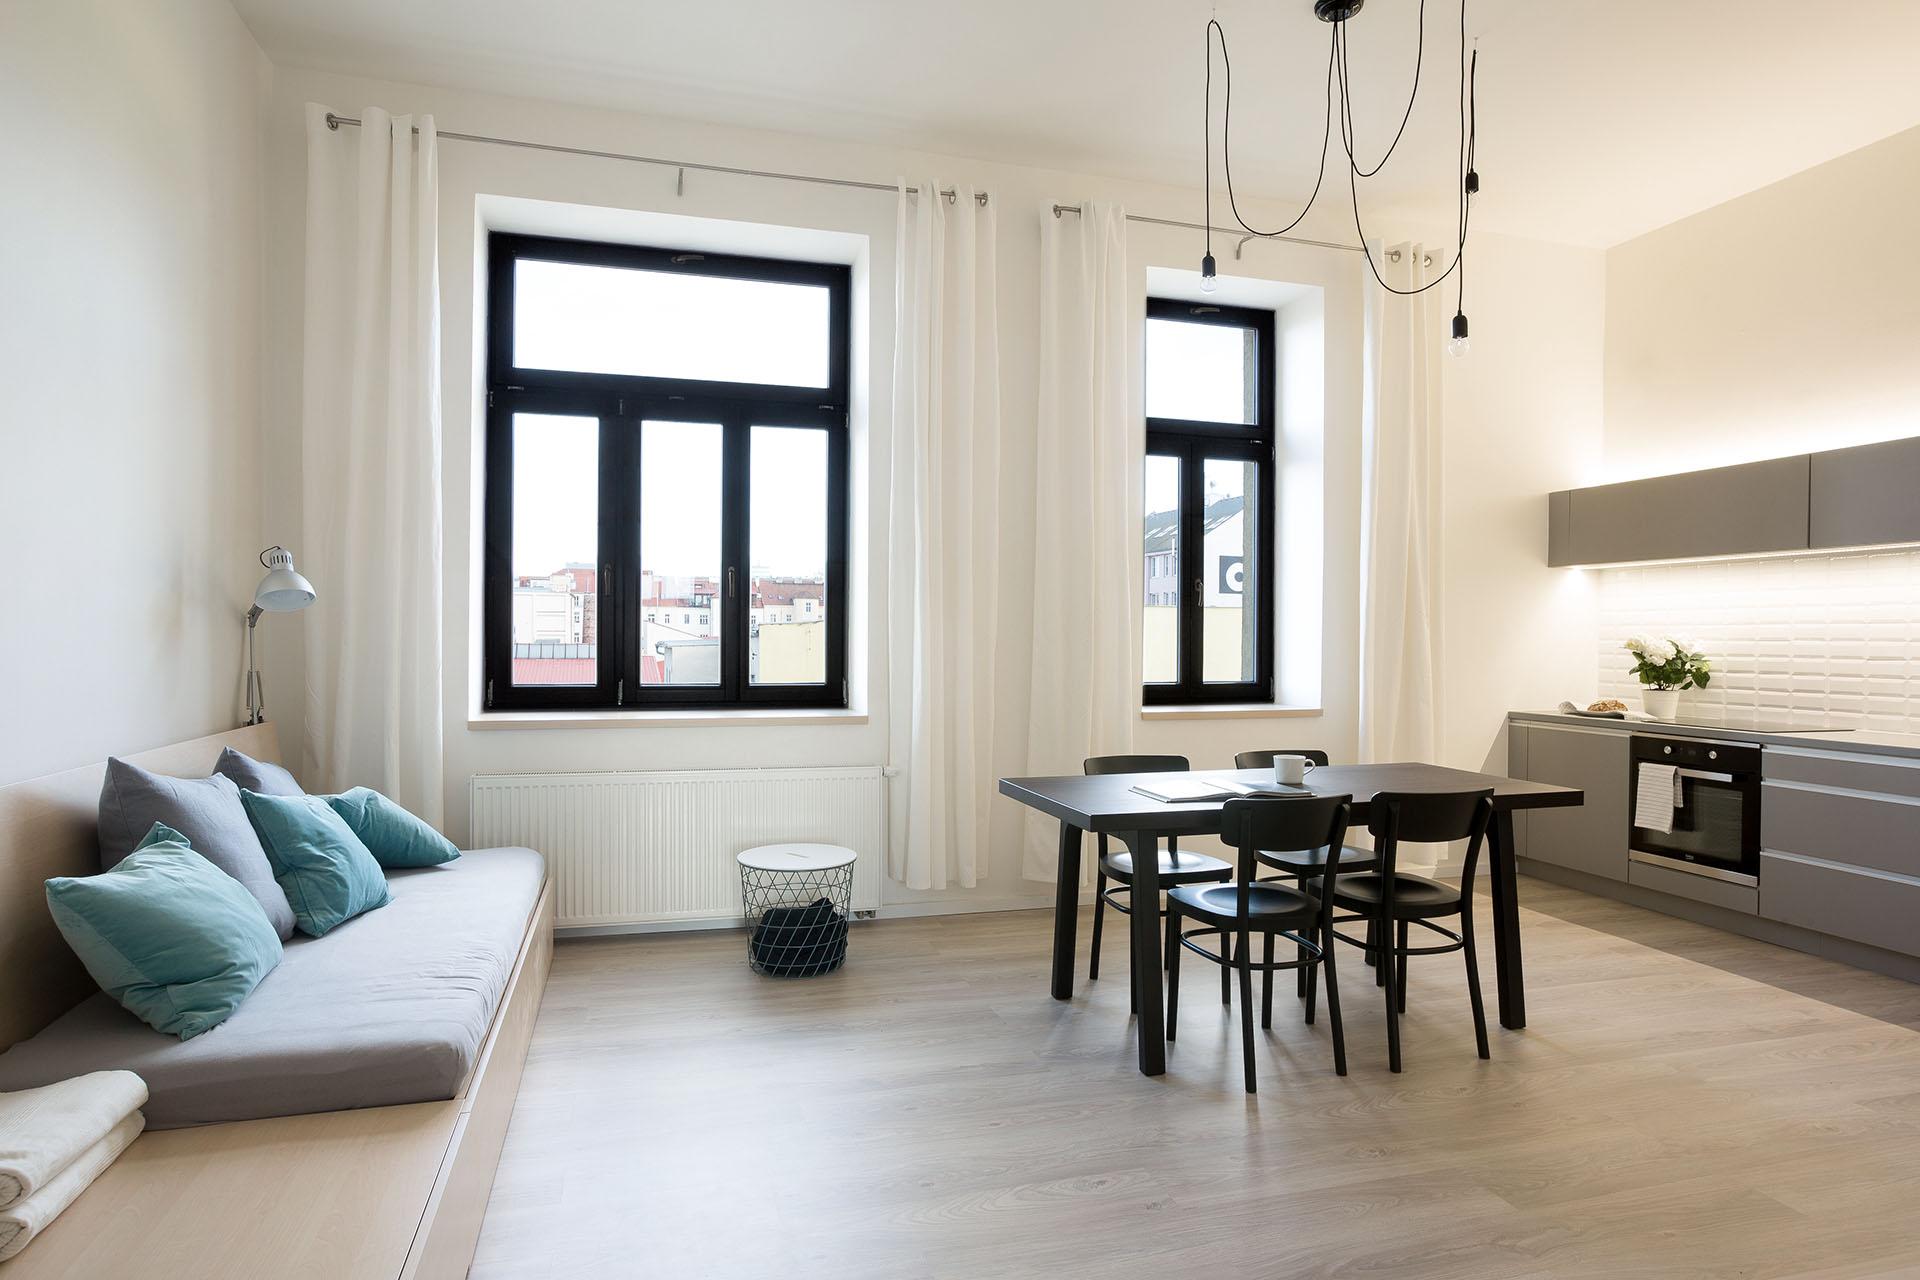 Společenský prostor bytu s jídelním stolem a kuchyňskou linkou